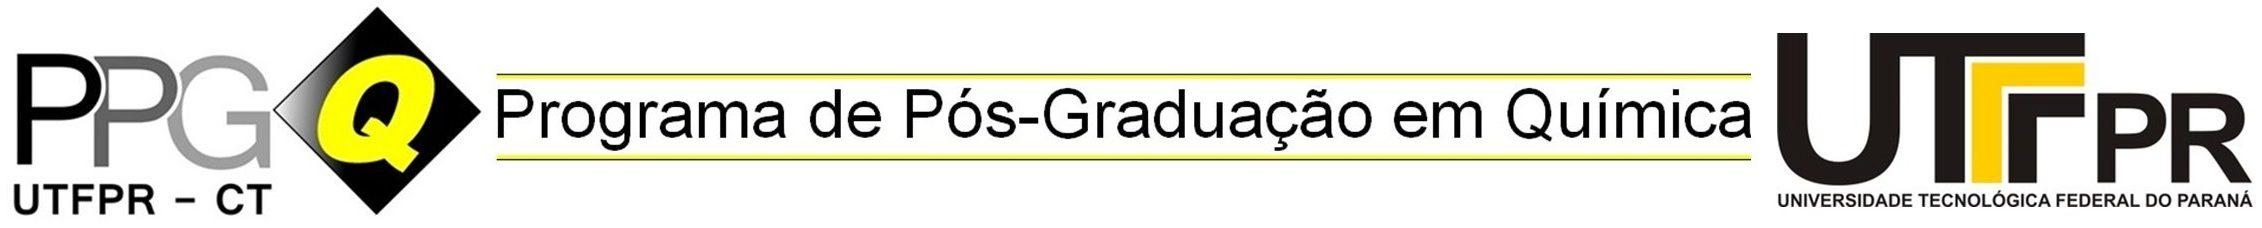 Programa de Pós-Graduação em Química